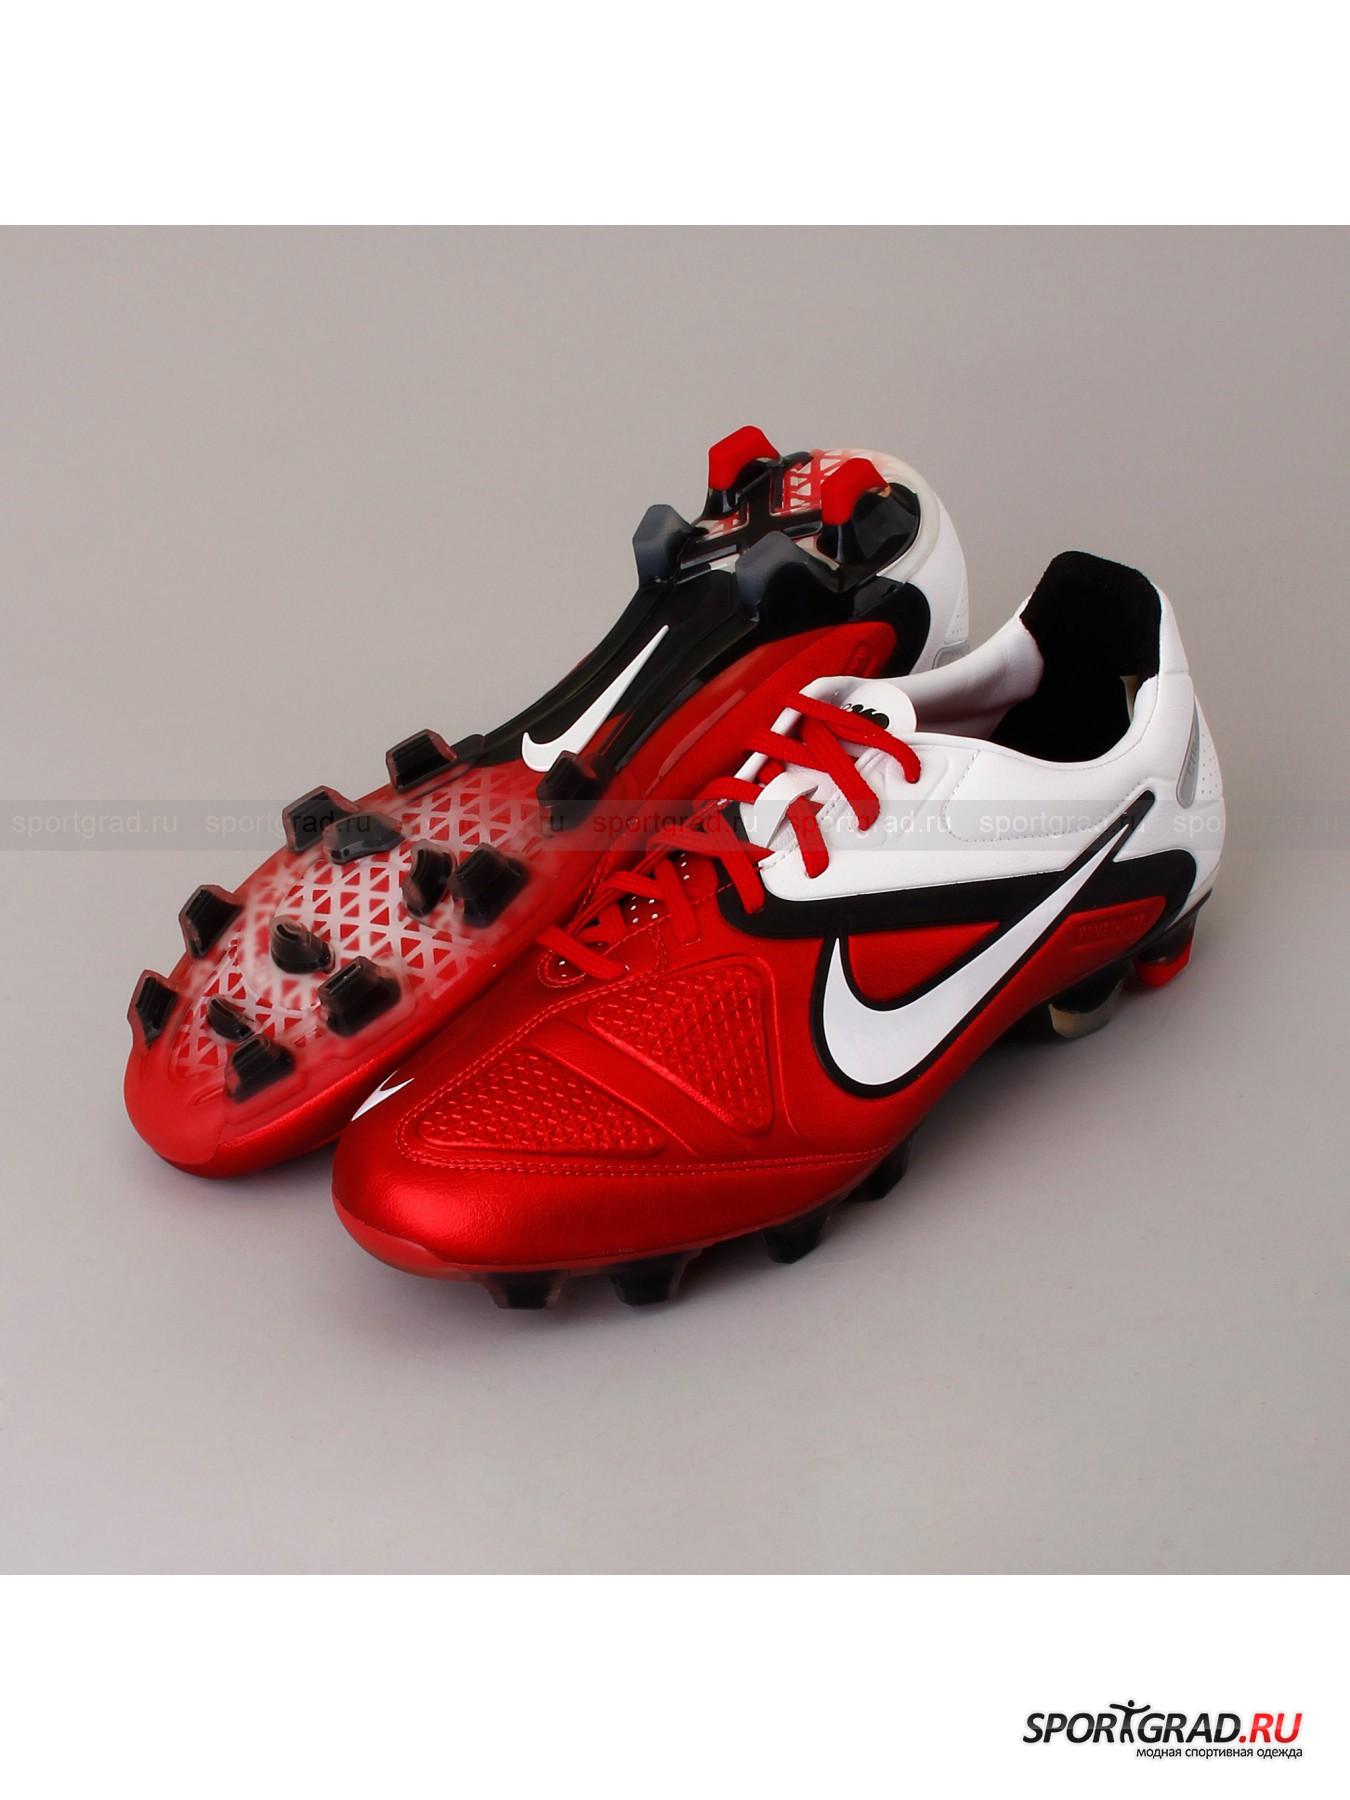 Бутсы CTR360 MAESTRI Nike